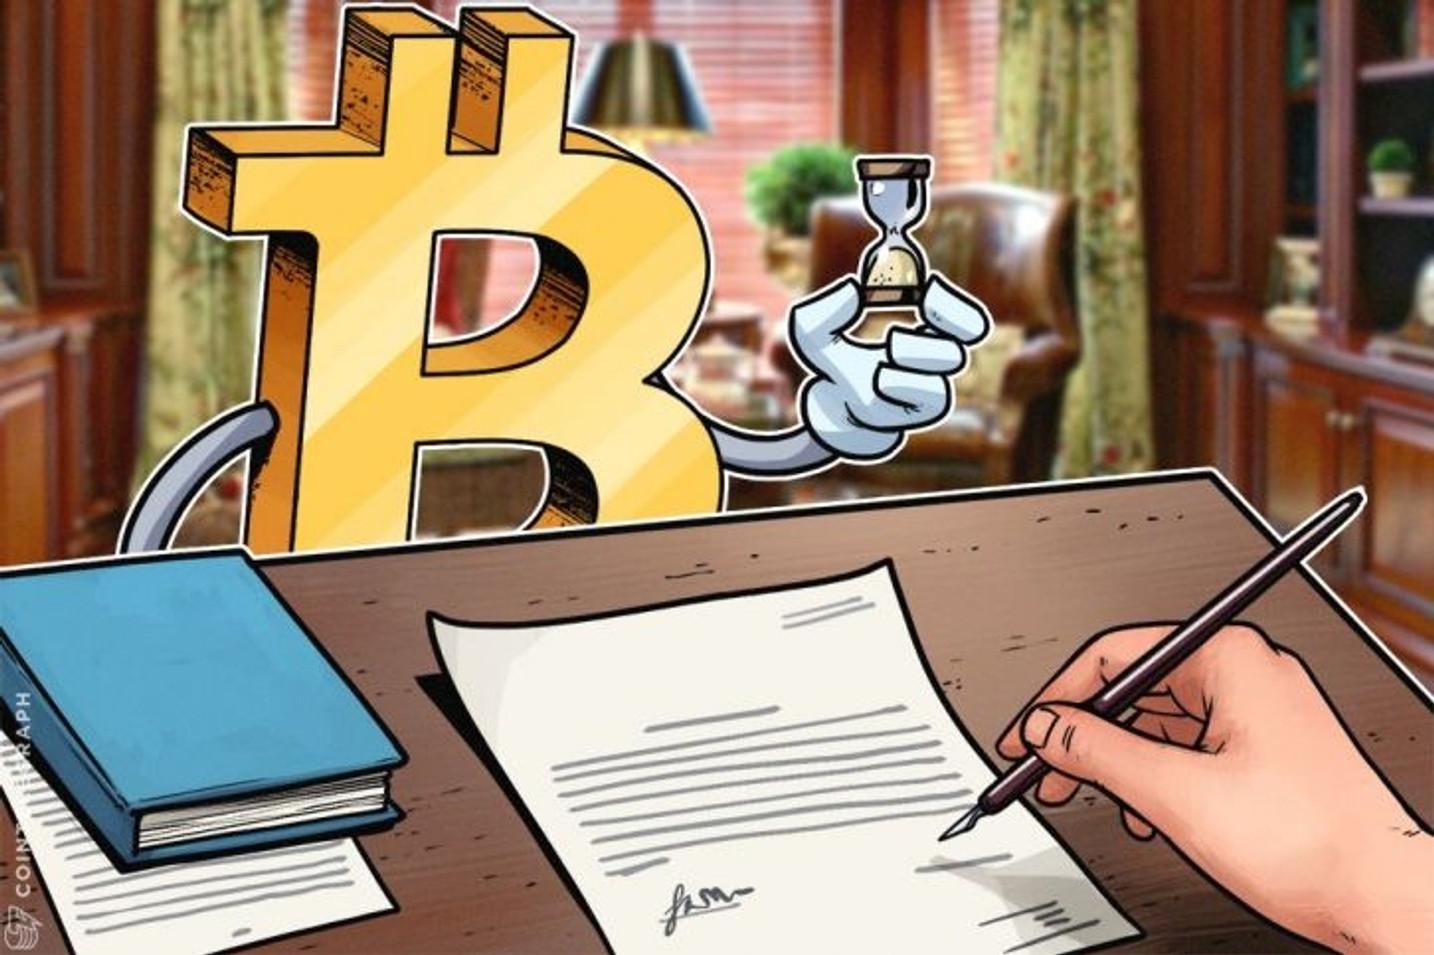 シカゴ取引所、米SECにビットコイン上場投資信託の不干渉を要求